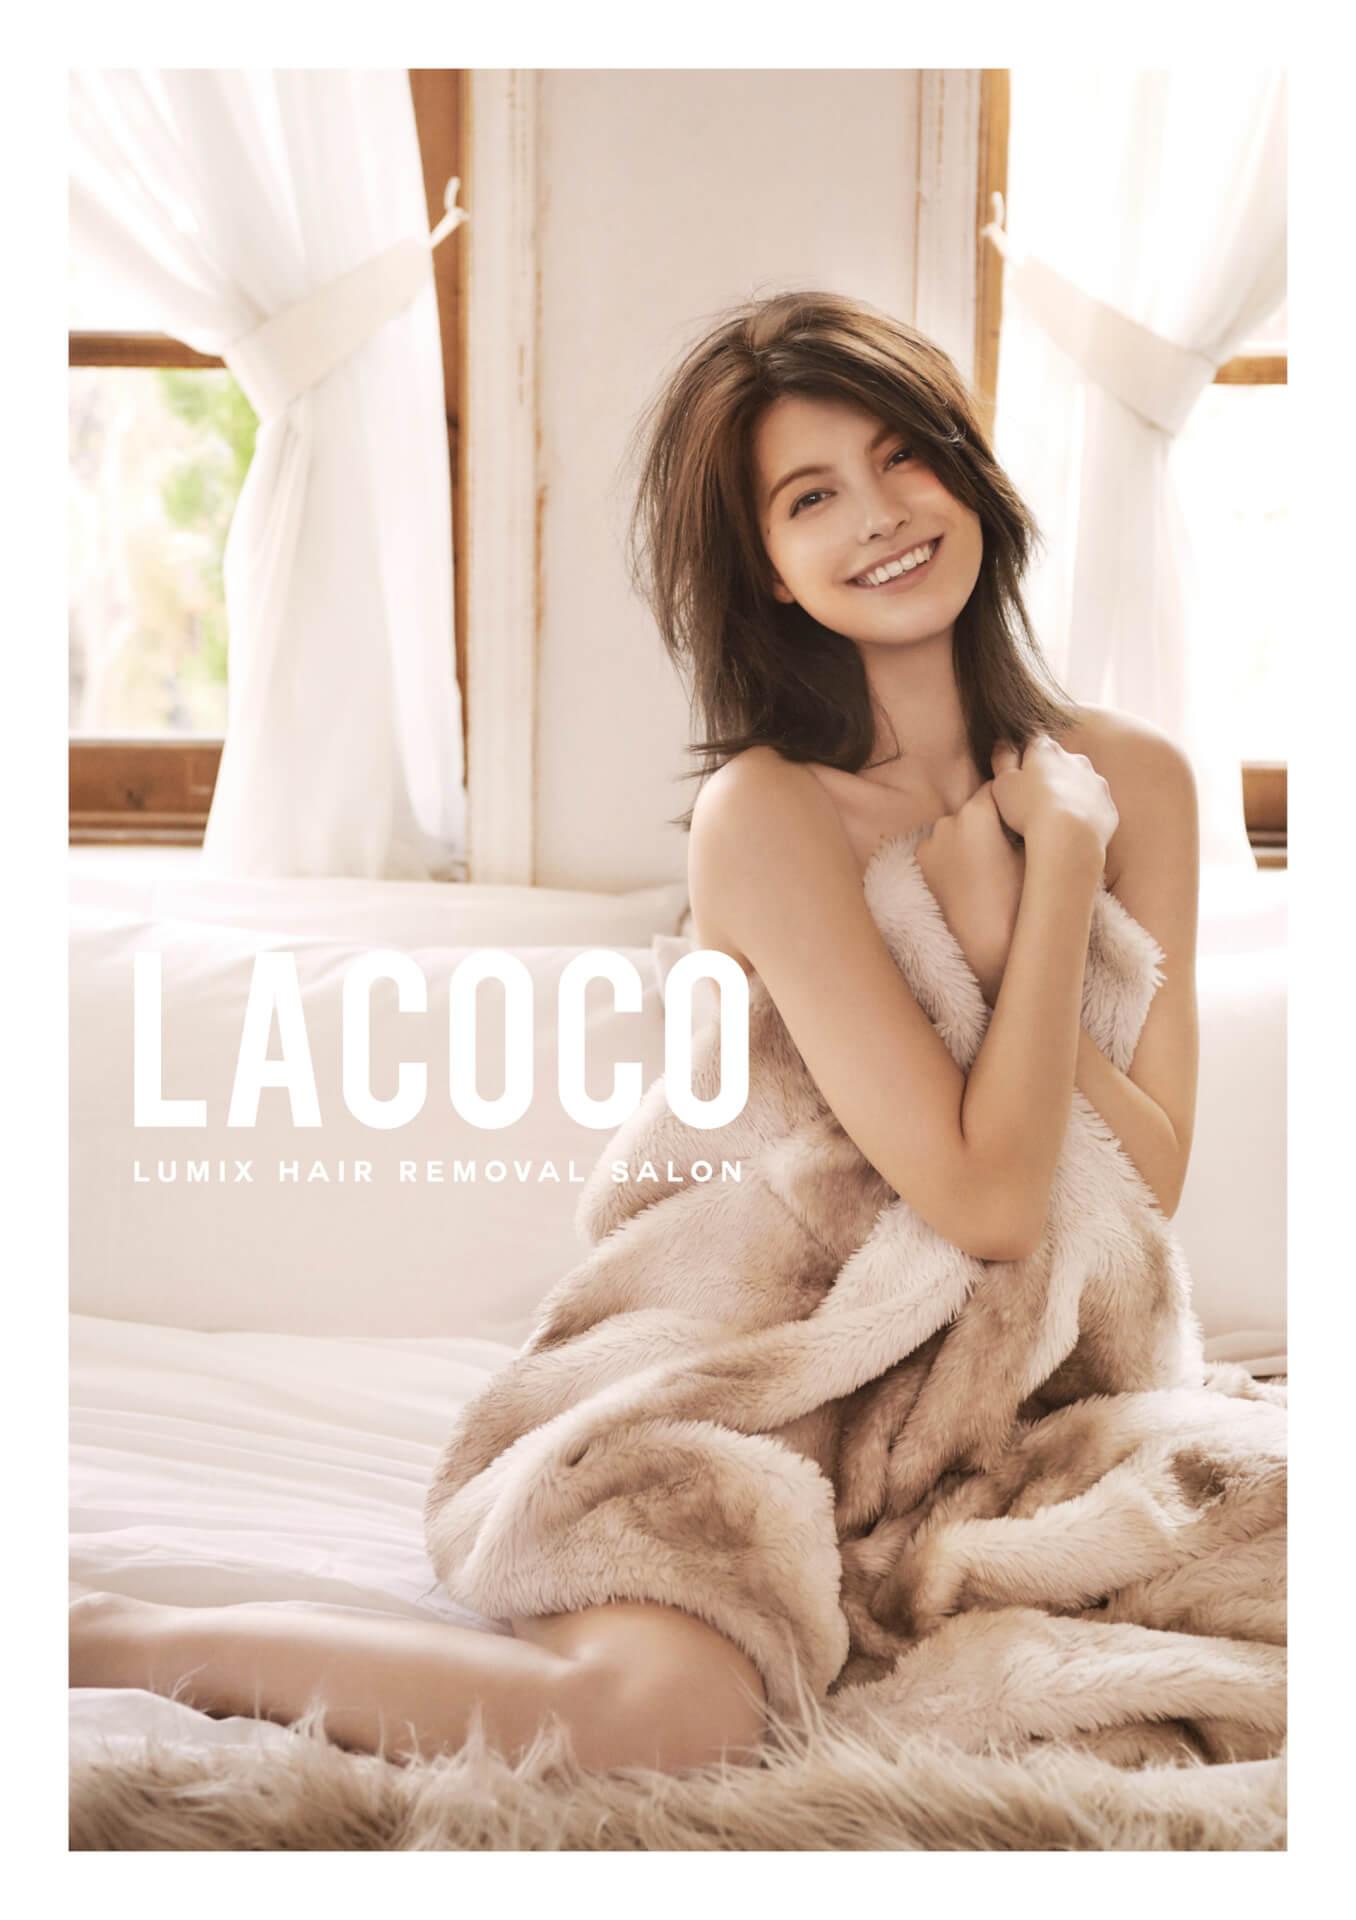 マギーが寝起き姿からバスルームショットまでセクシーに披露!『LACOCO』WEB限定イメージムービーが公開 art200213_maggy_15